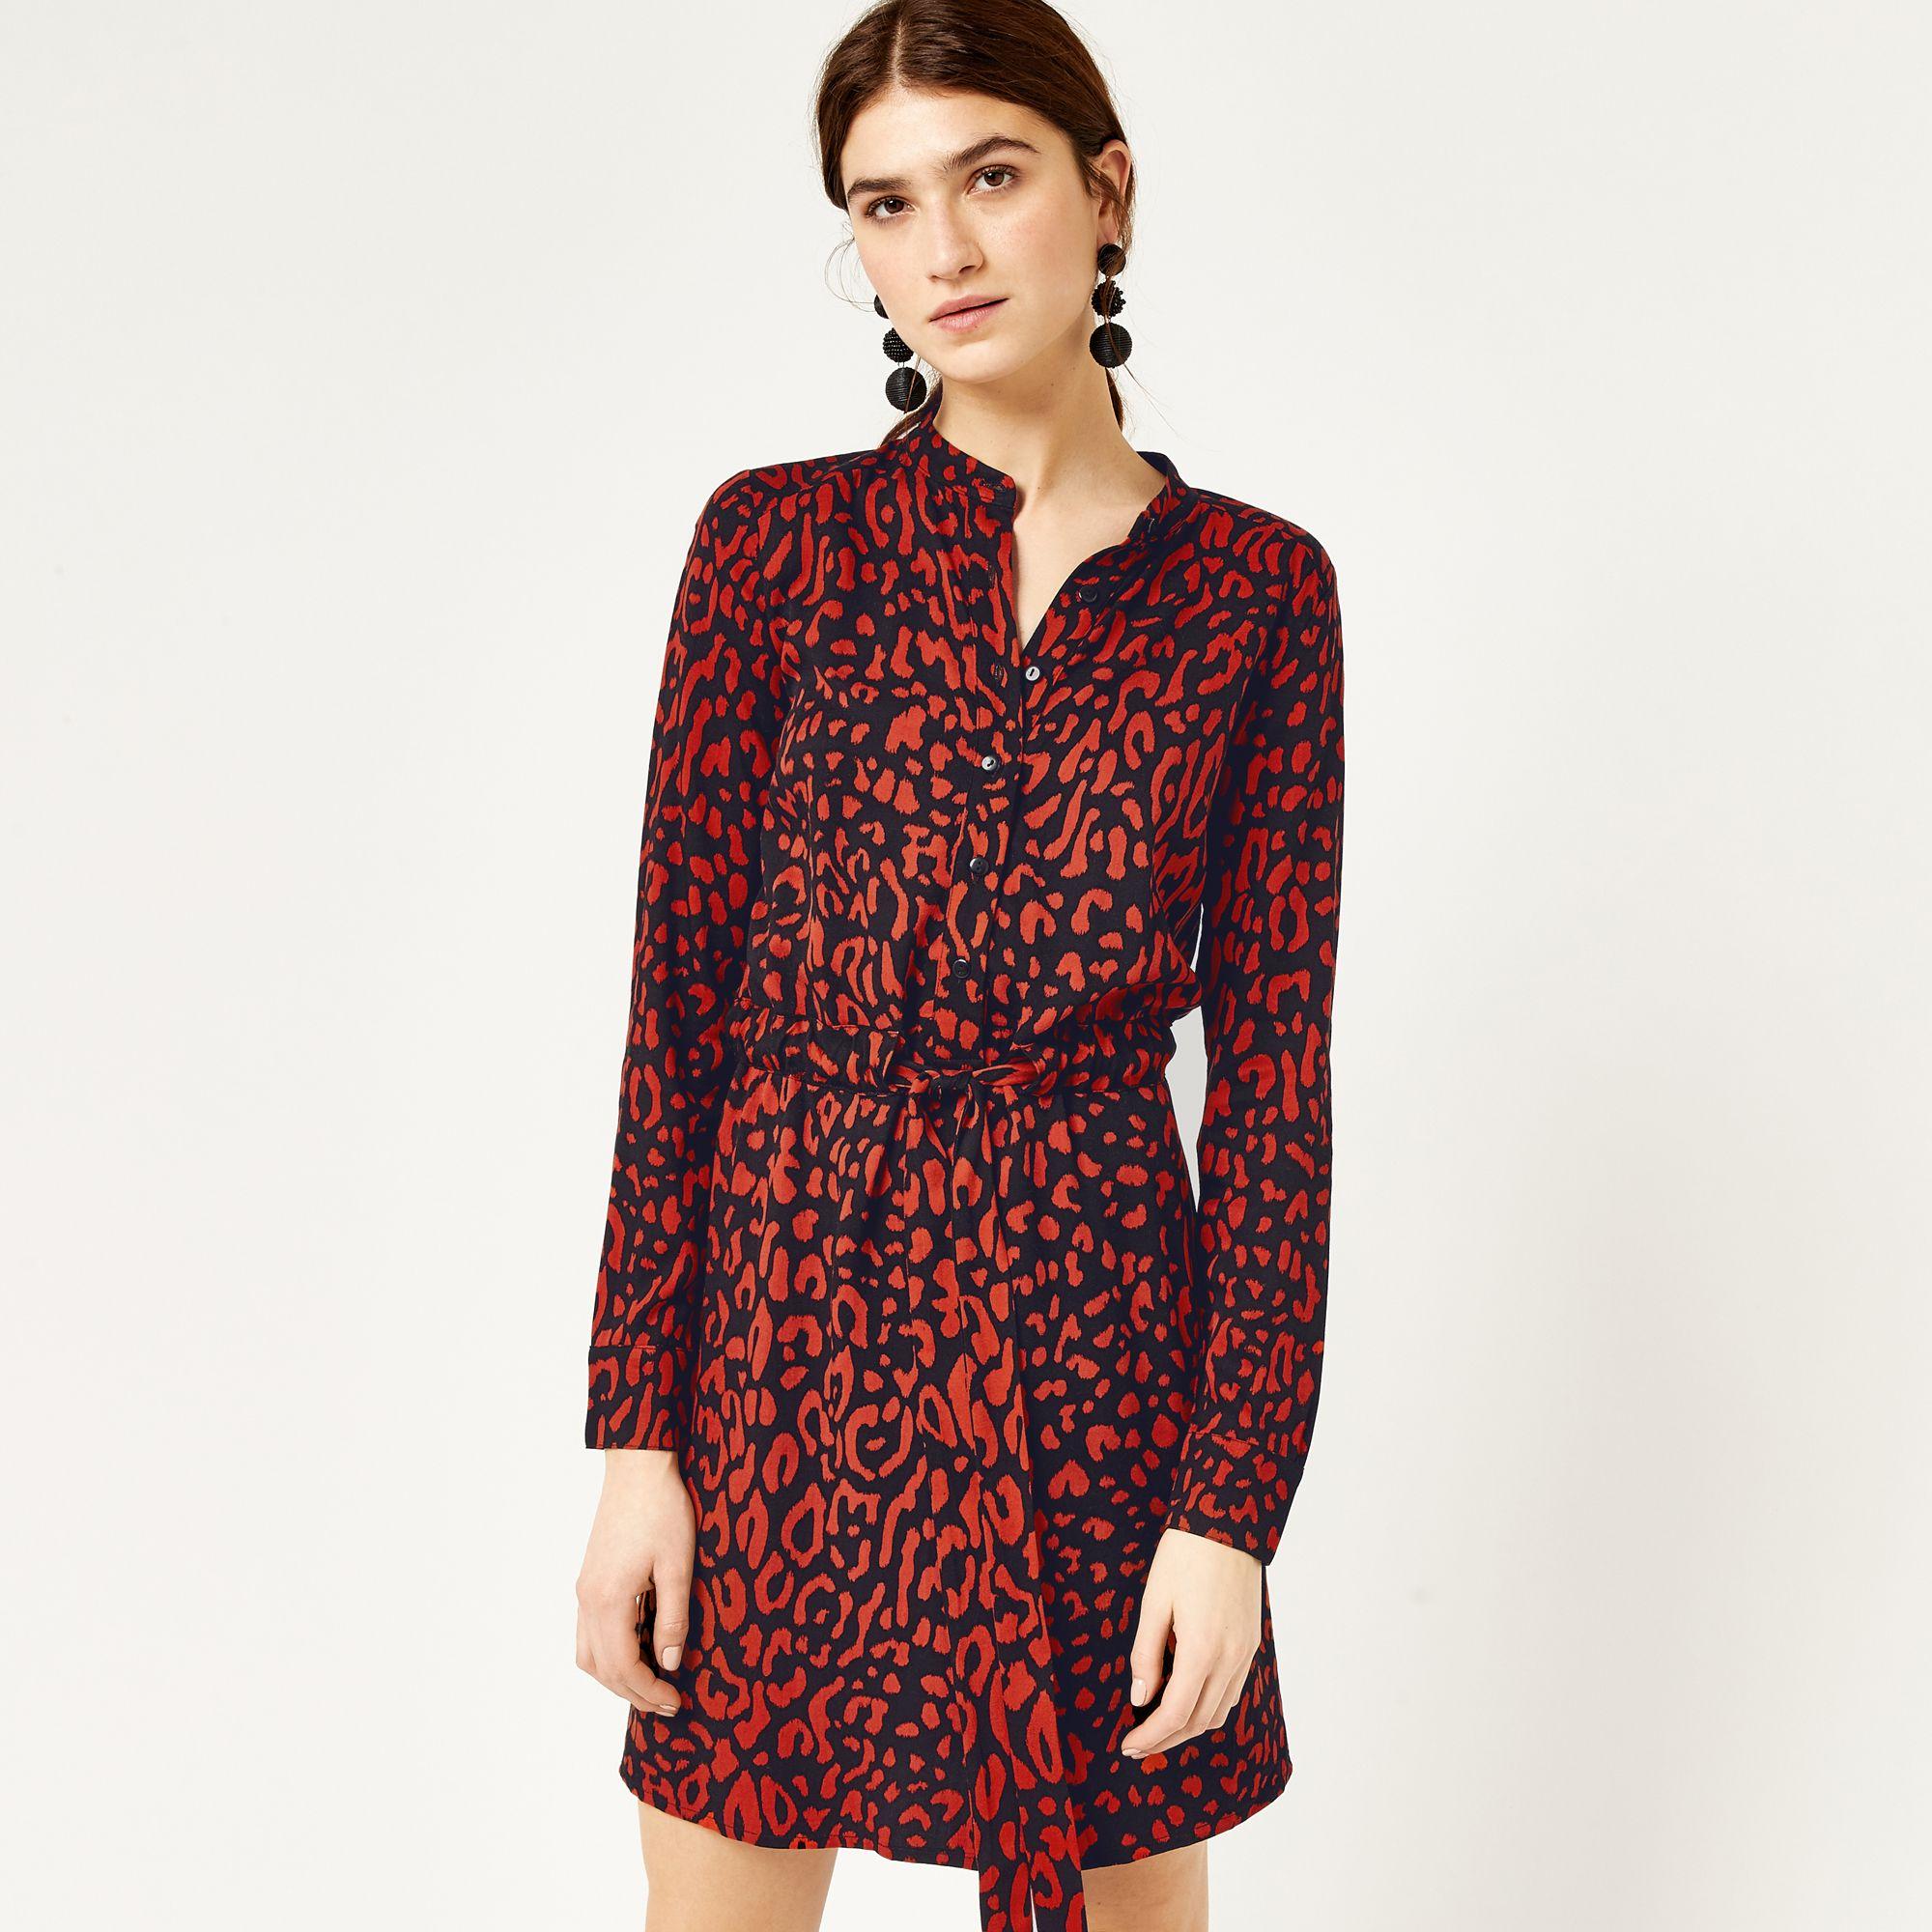 3672b483df2e Leopard print shirt dress in 2018 | { a red moment } | Pinterest ...